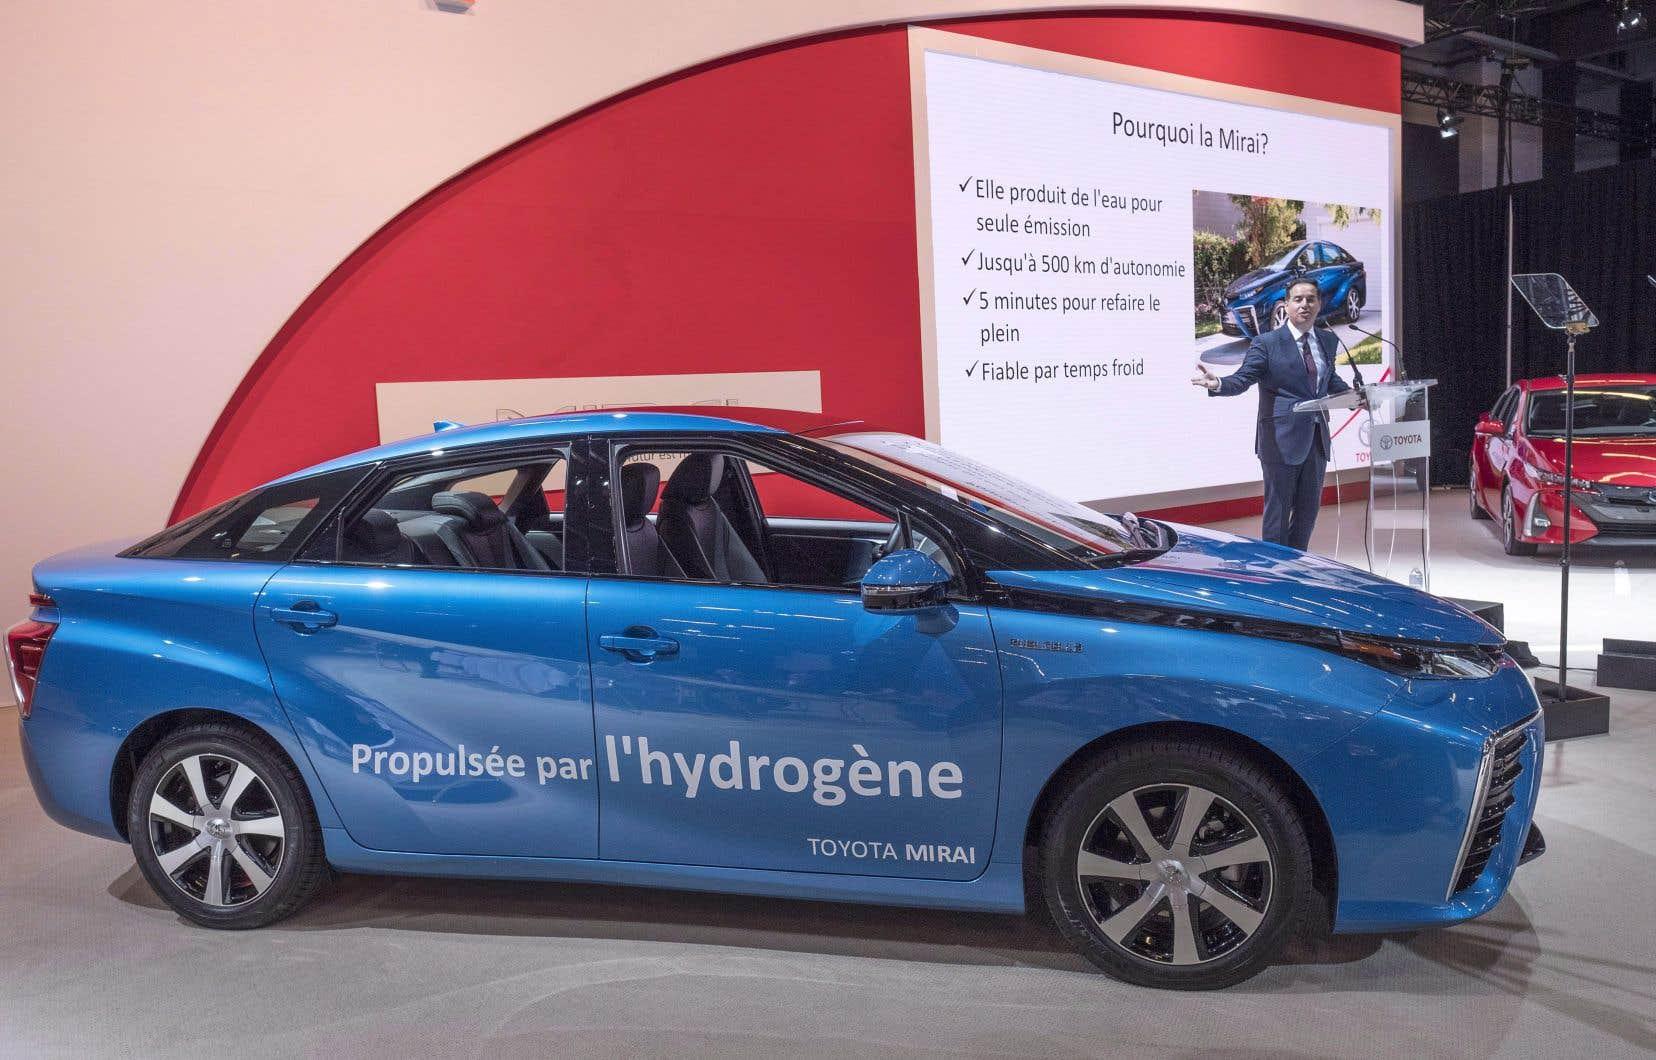 Dans le monde, l'hydrogène est le plus souvent produit à partir de gaz naturel. Cependant, il est prévu que celui vendu à Québec soit produit sur place par électrolyse de l'eau.